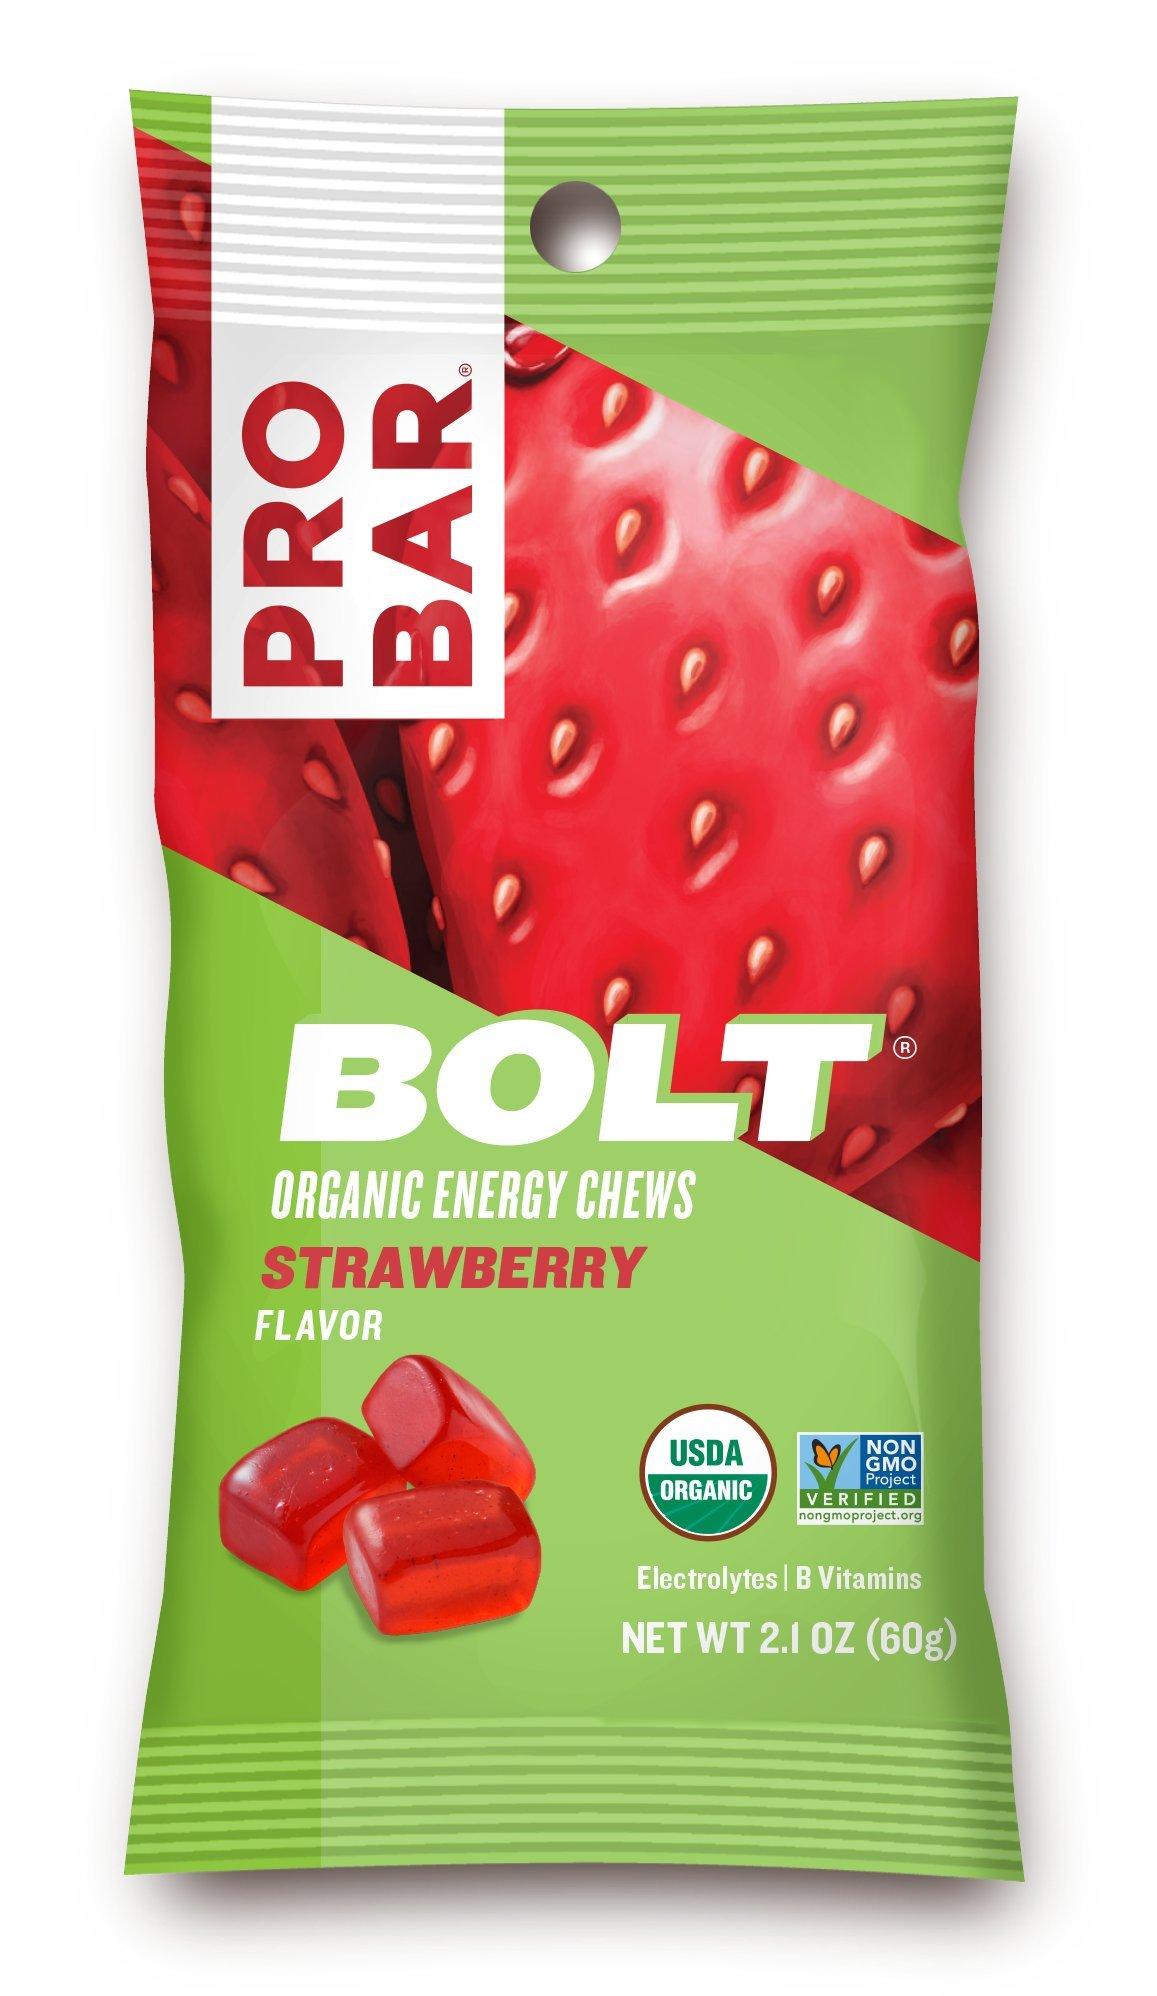 PROBAR - BOLT Organic Energy Chews, Strawberry, 12 Count - USDA Organic, Gluten-Free, Fast Fuel Gummies